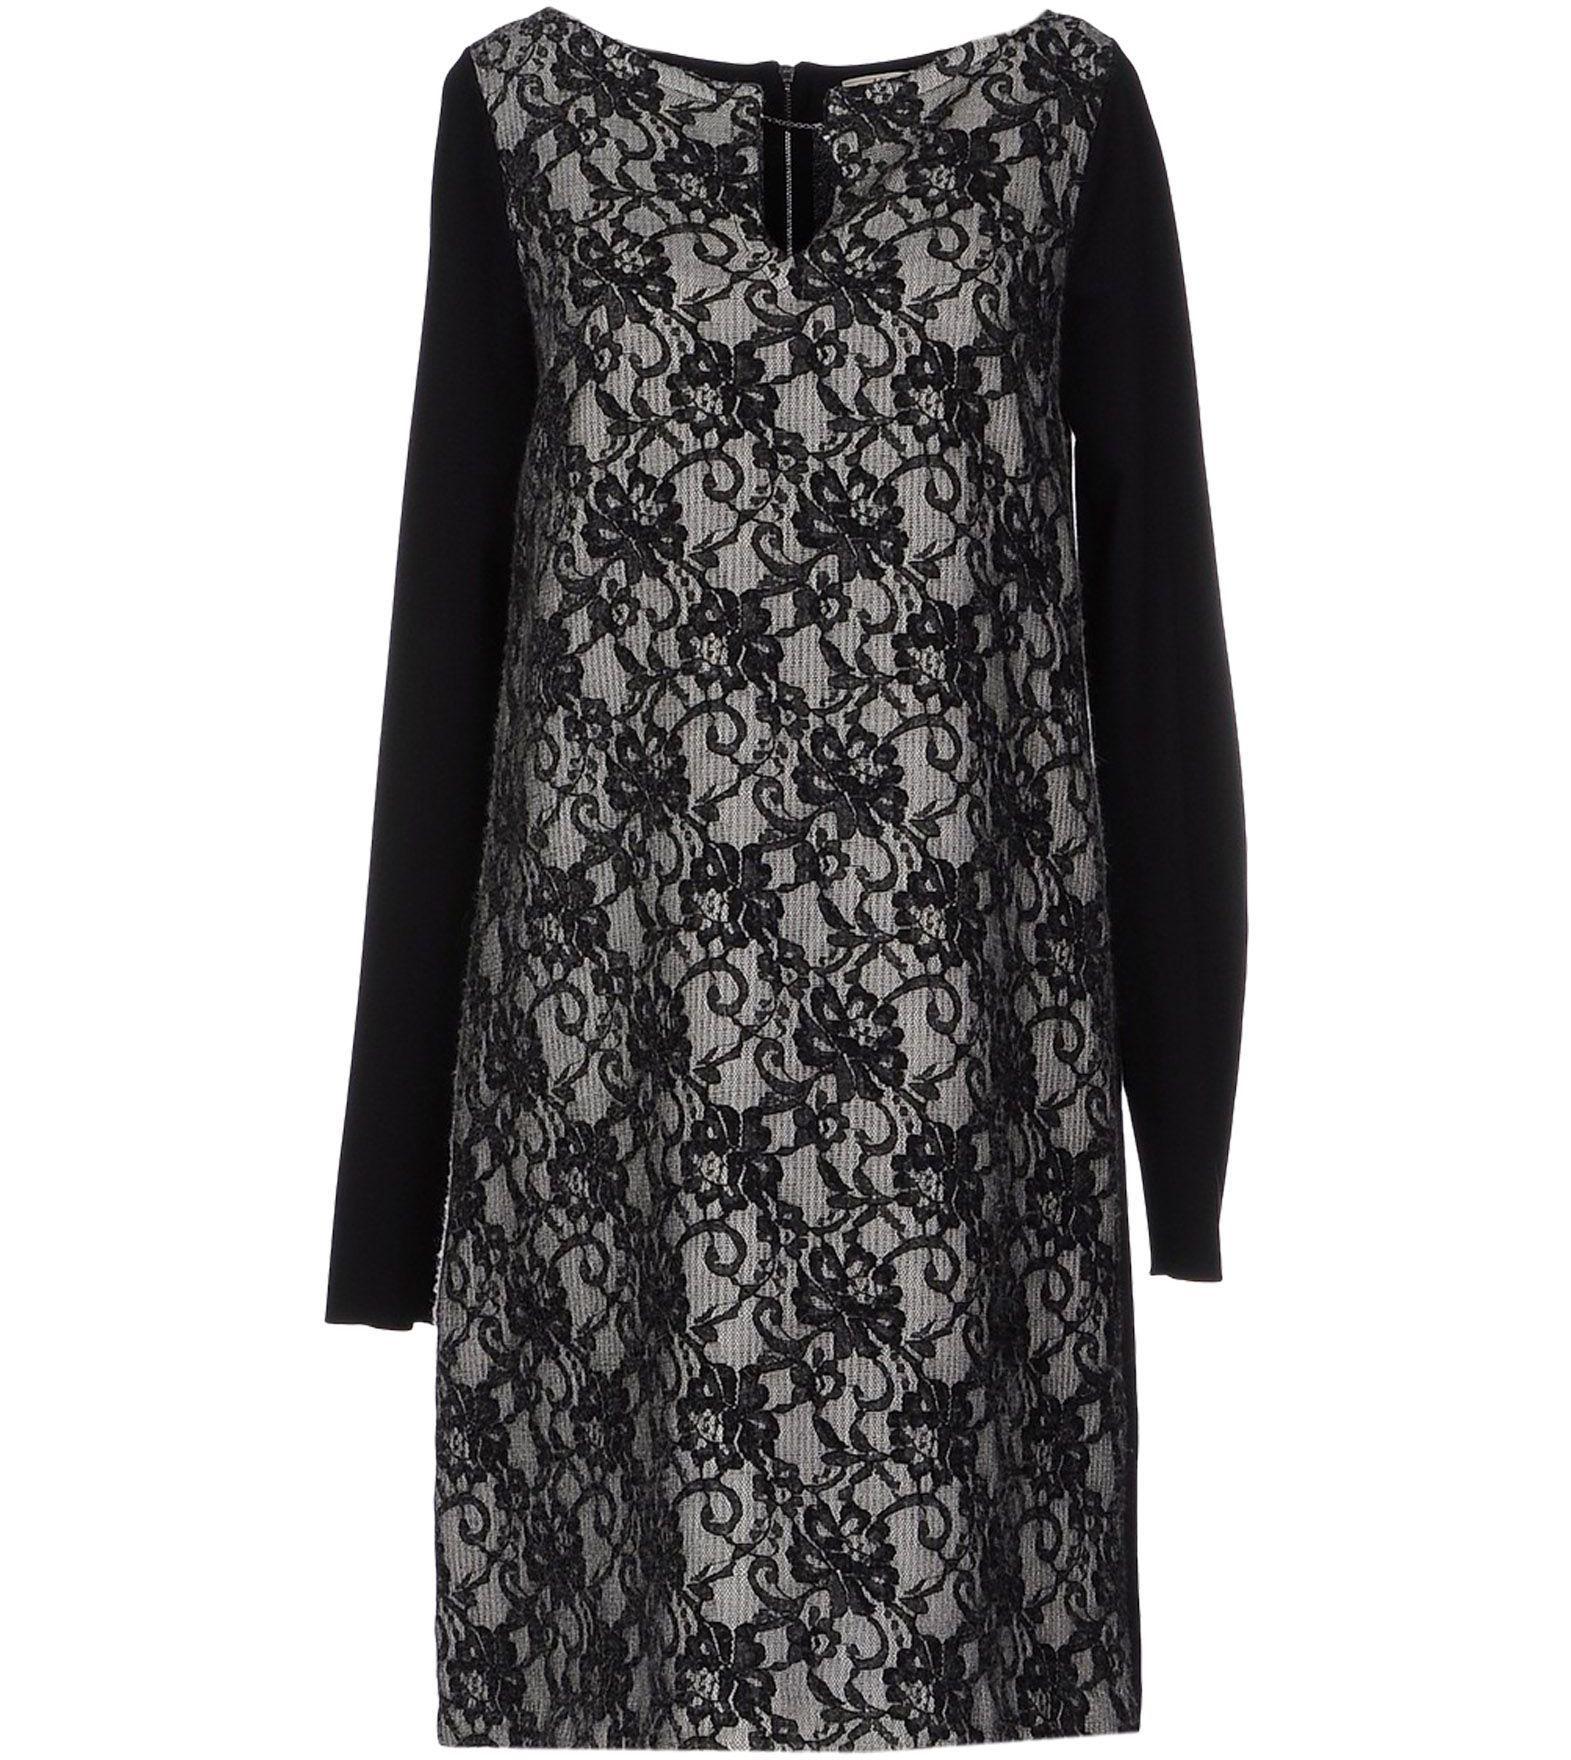 MYF ΦΟΡΕΜΑΤΑ Κοντό φόρεμα  μόνο 67.00€ #onsale #style #fashion